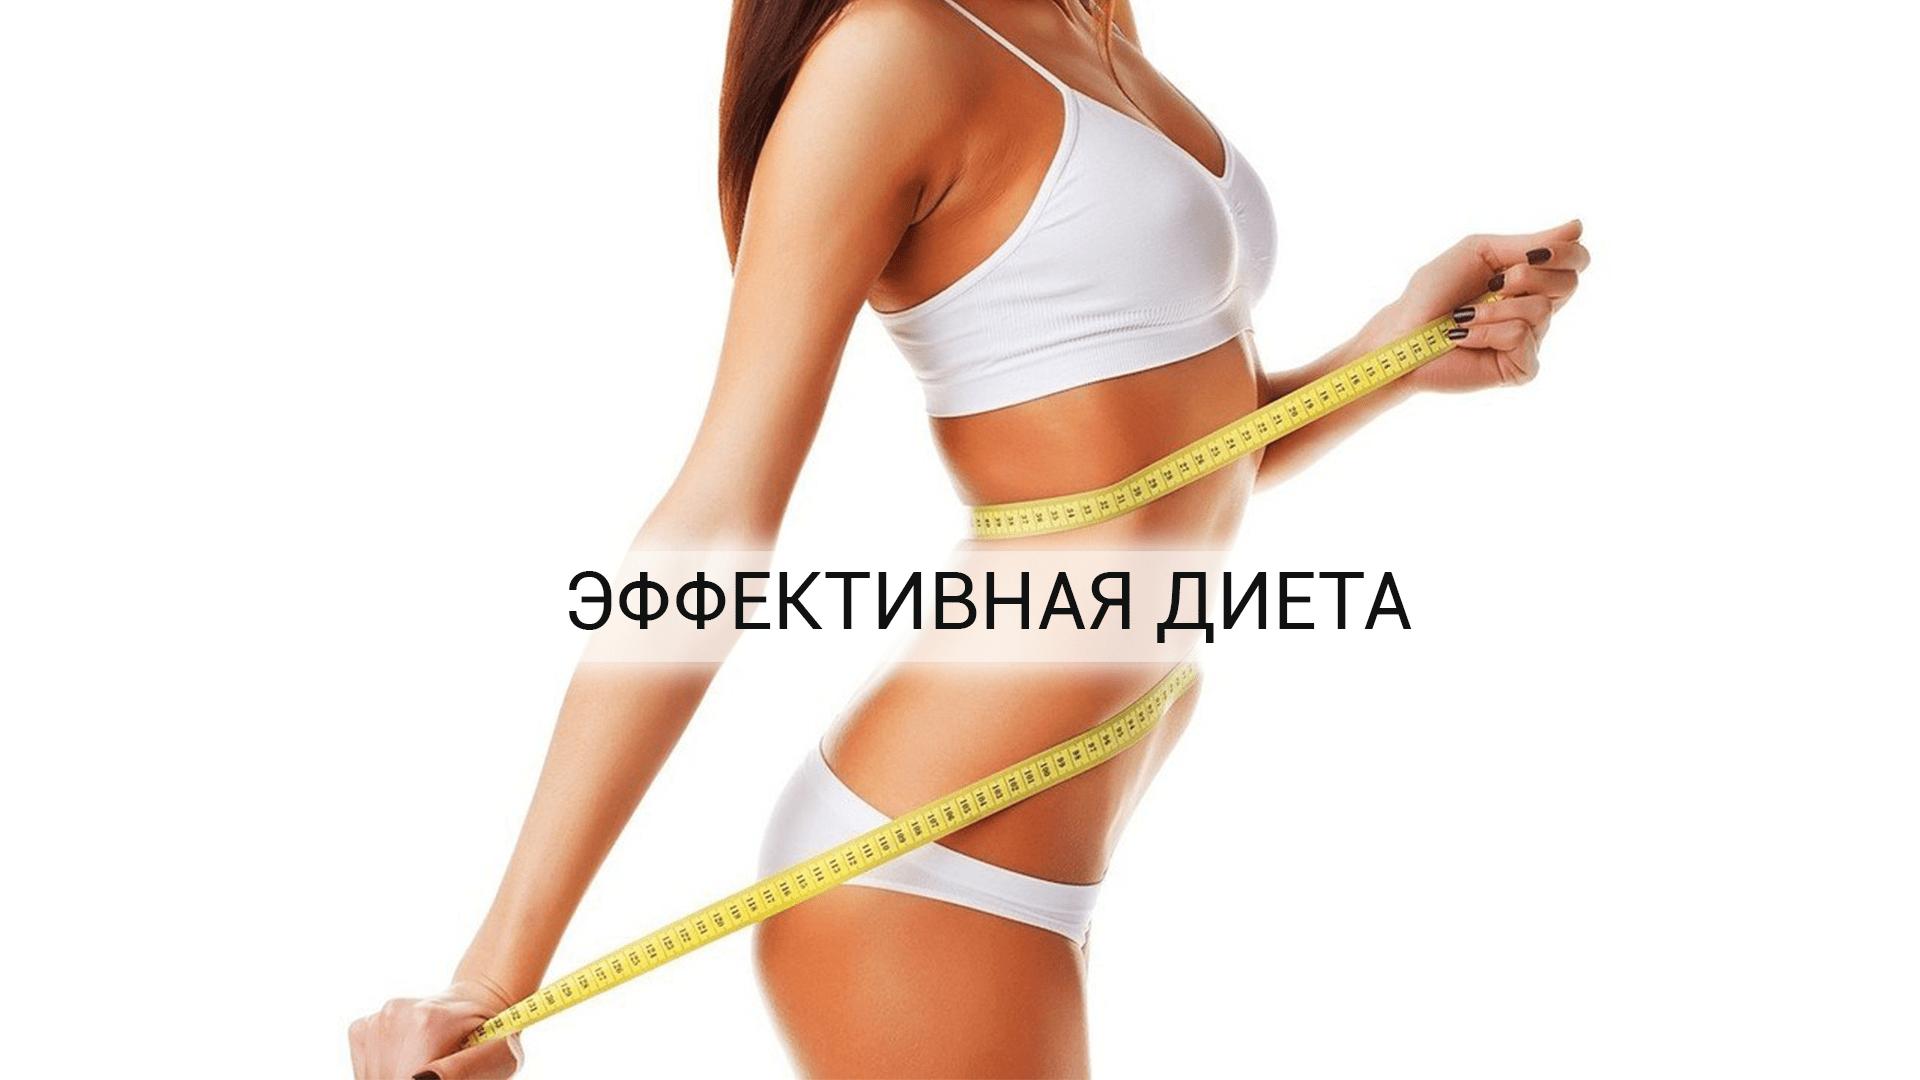 effektivnaya-dieta